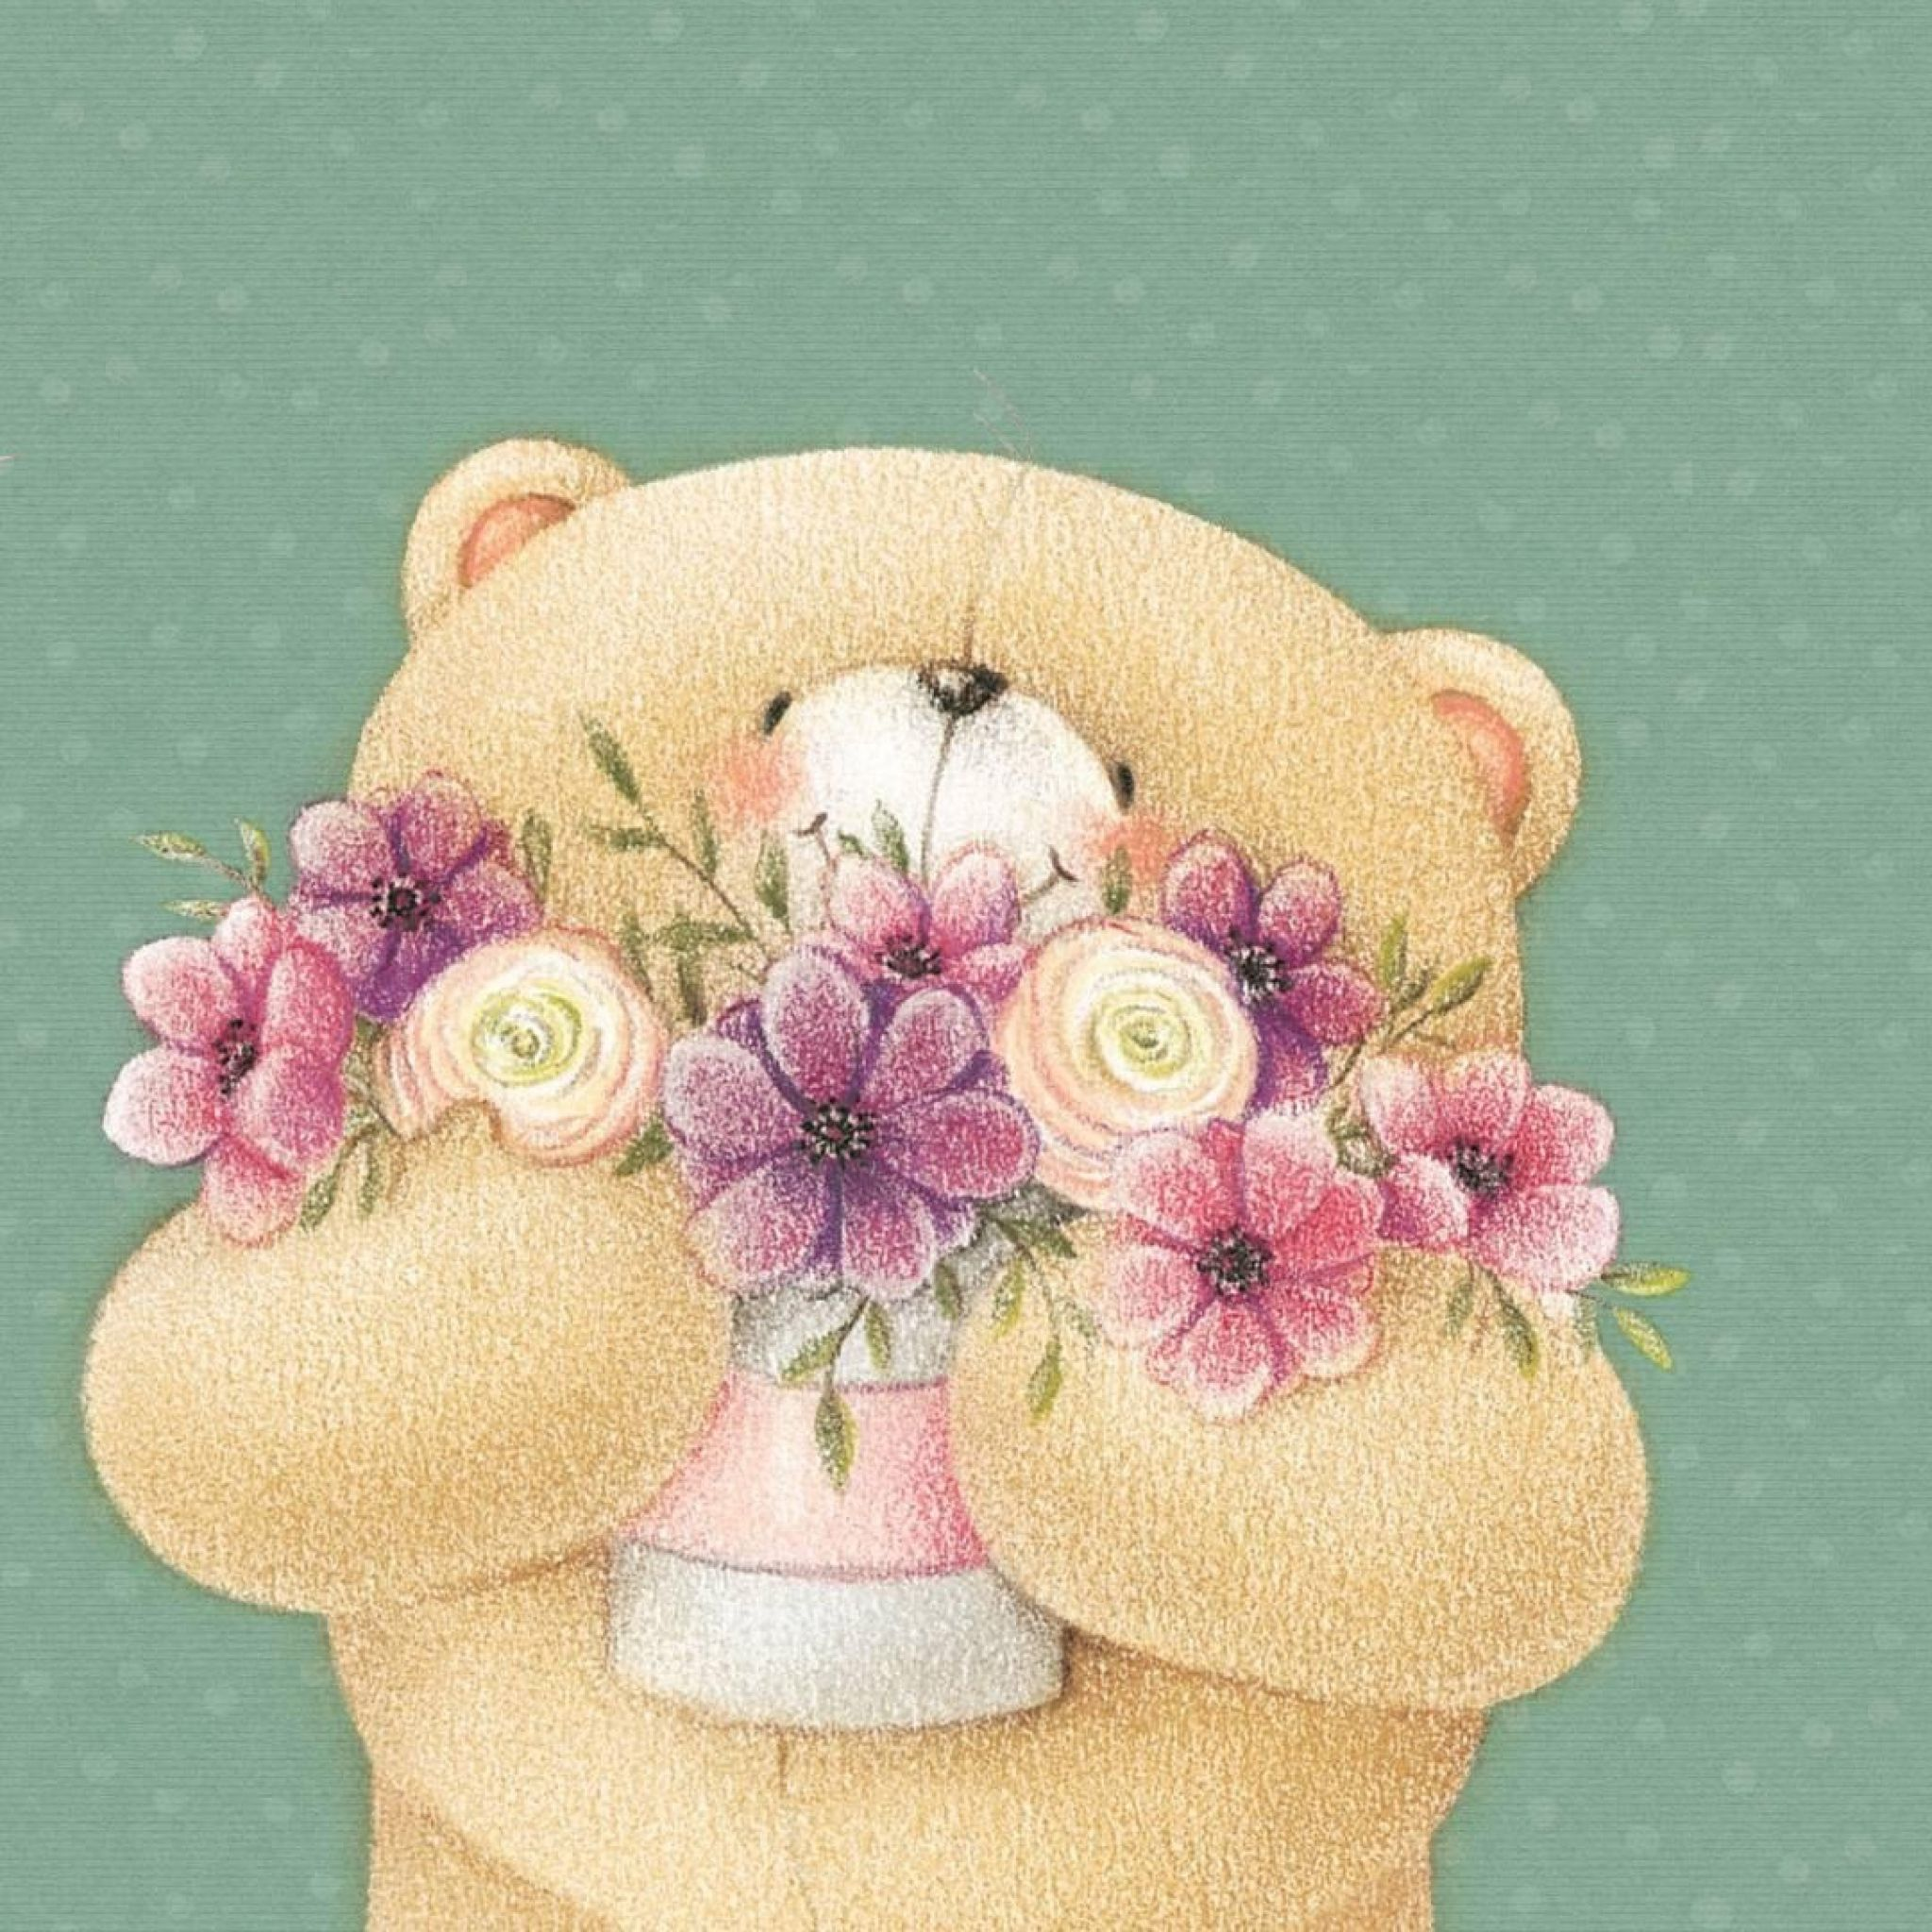 Pin Van Otrgirl Carin Op Forever Friends Bears Q L P Jarig Birthday Beertjes Kleurplaten Voor Volwassenen Kleurplaten